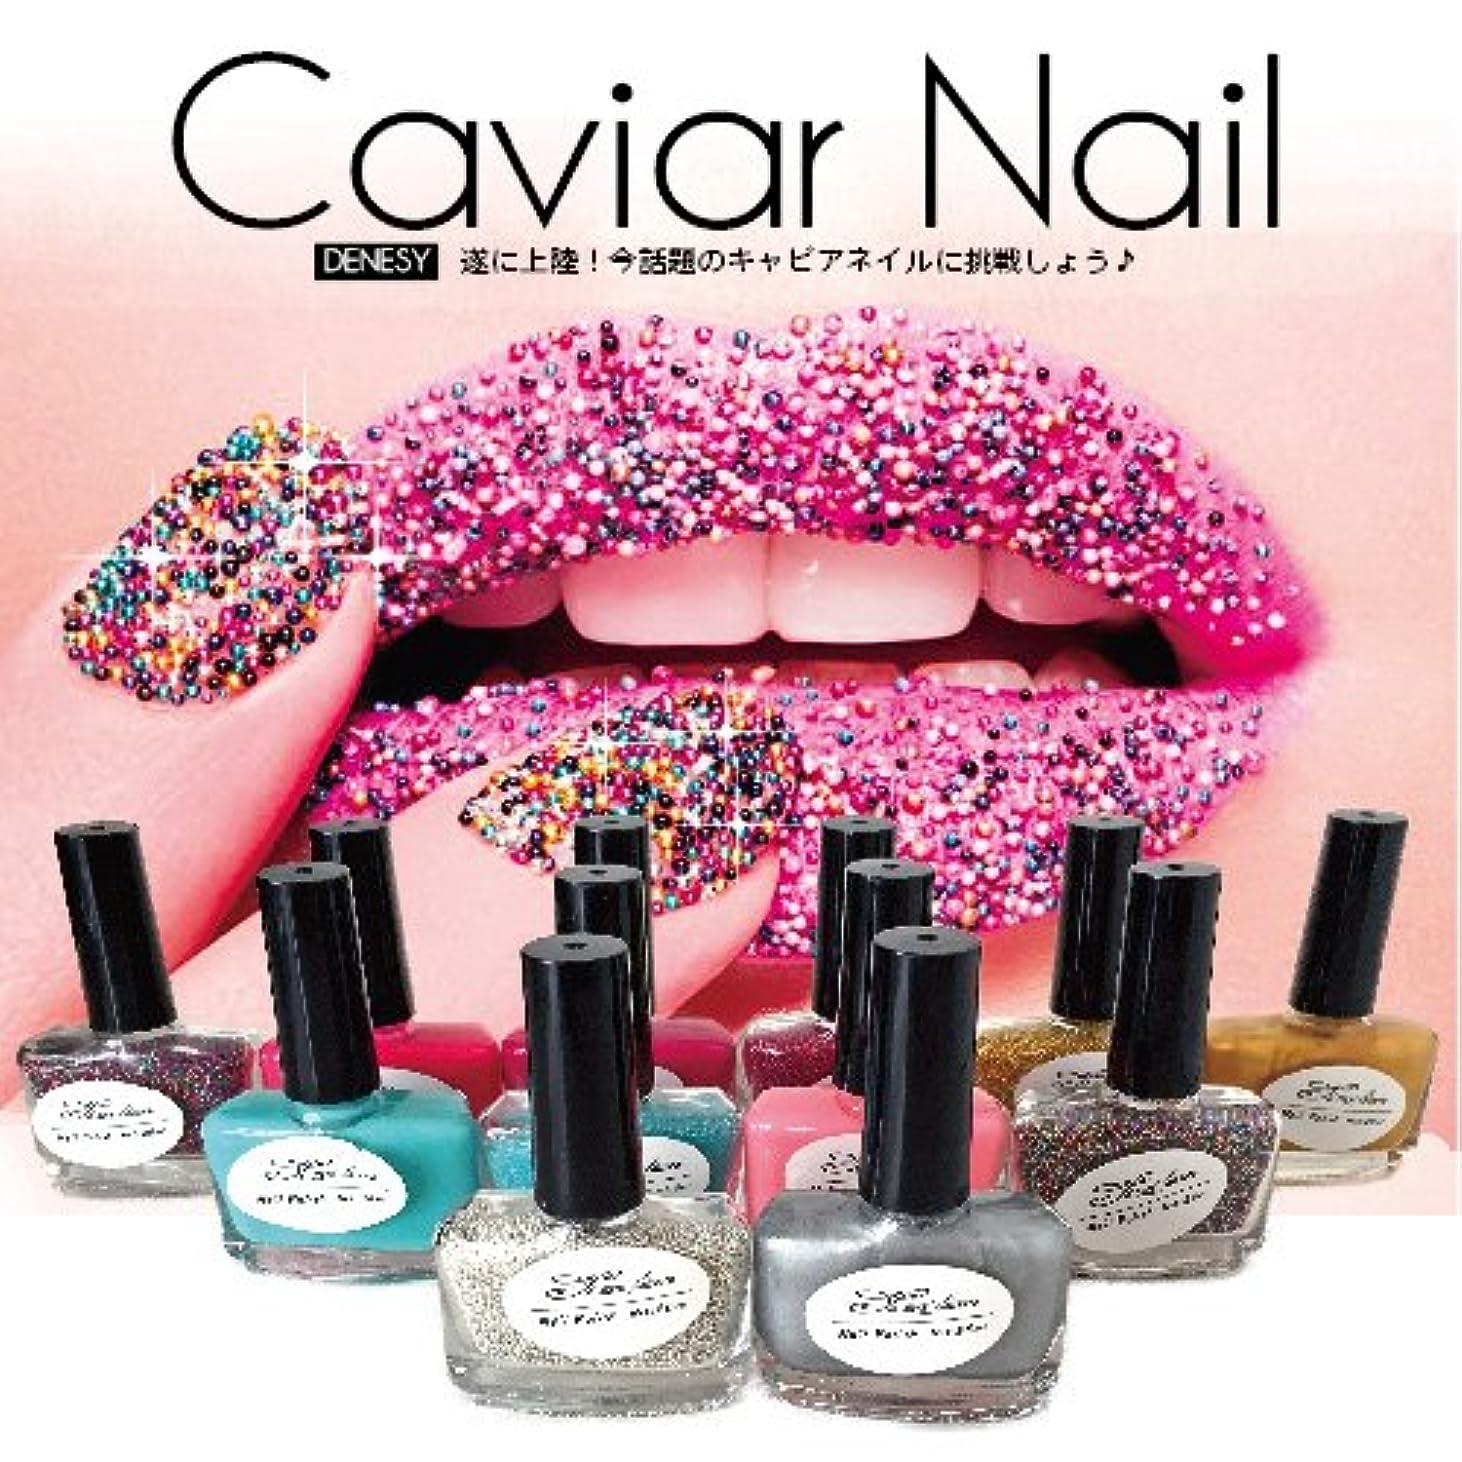 家族初期どう?キャビアネイル DENESY Caviar Nail (3点セット)NEWリニューアル 08:グリーン [マニキュア ネイルカラー ネイルポリッシュ SHANTI Caviar Manicure kit]